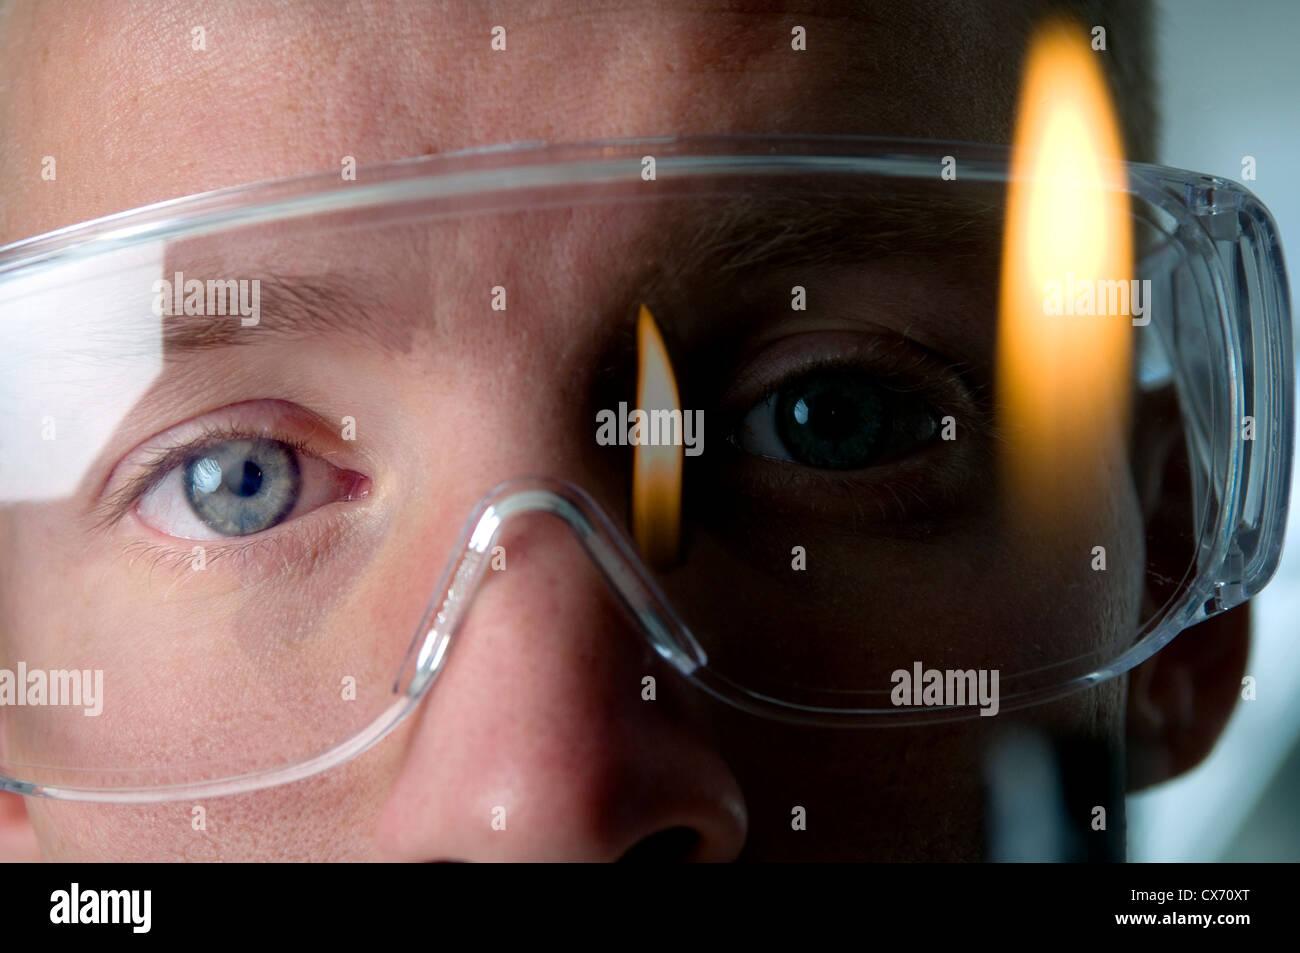 Jeune homme étudiant/chercheur scientifique en face de la flamme Bunsen Photo Stock